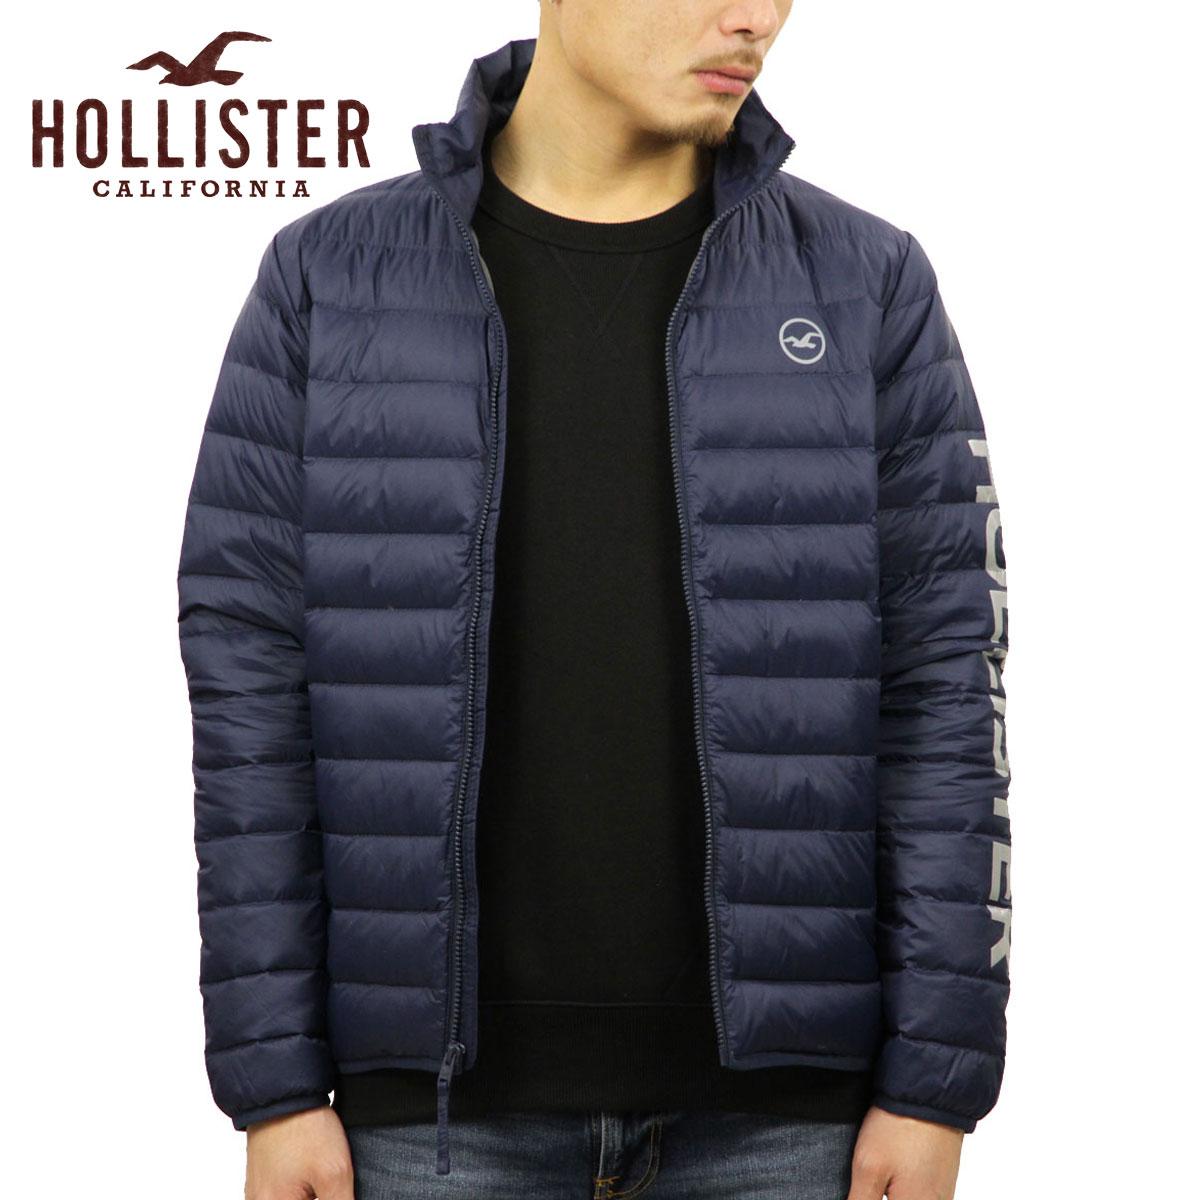 ホリスター HOLLISTER 正規品 メンズ ダウンジャケット Lightweight Down Puffer Jacket 332-328-0810-206